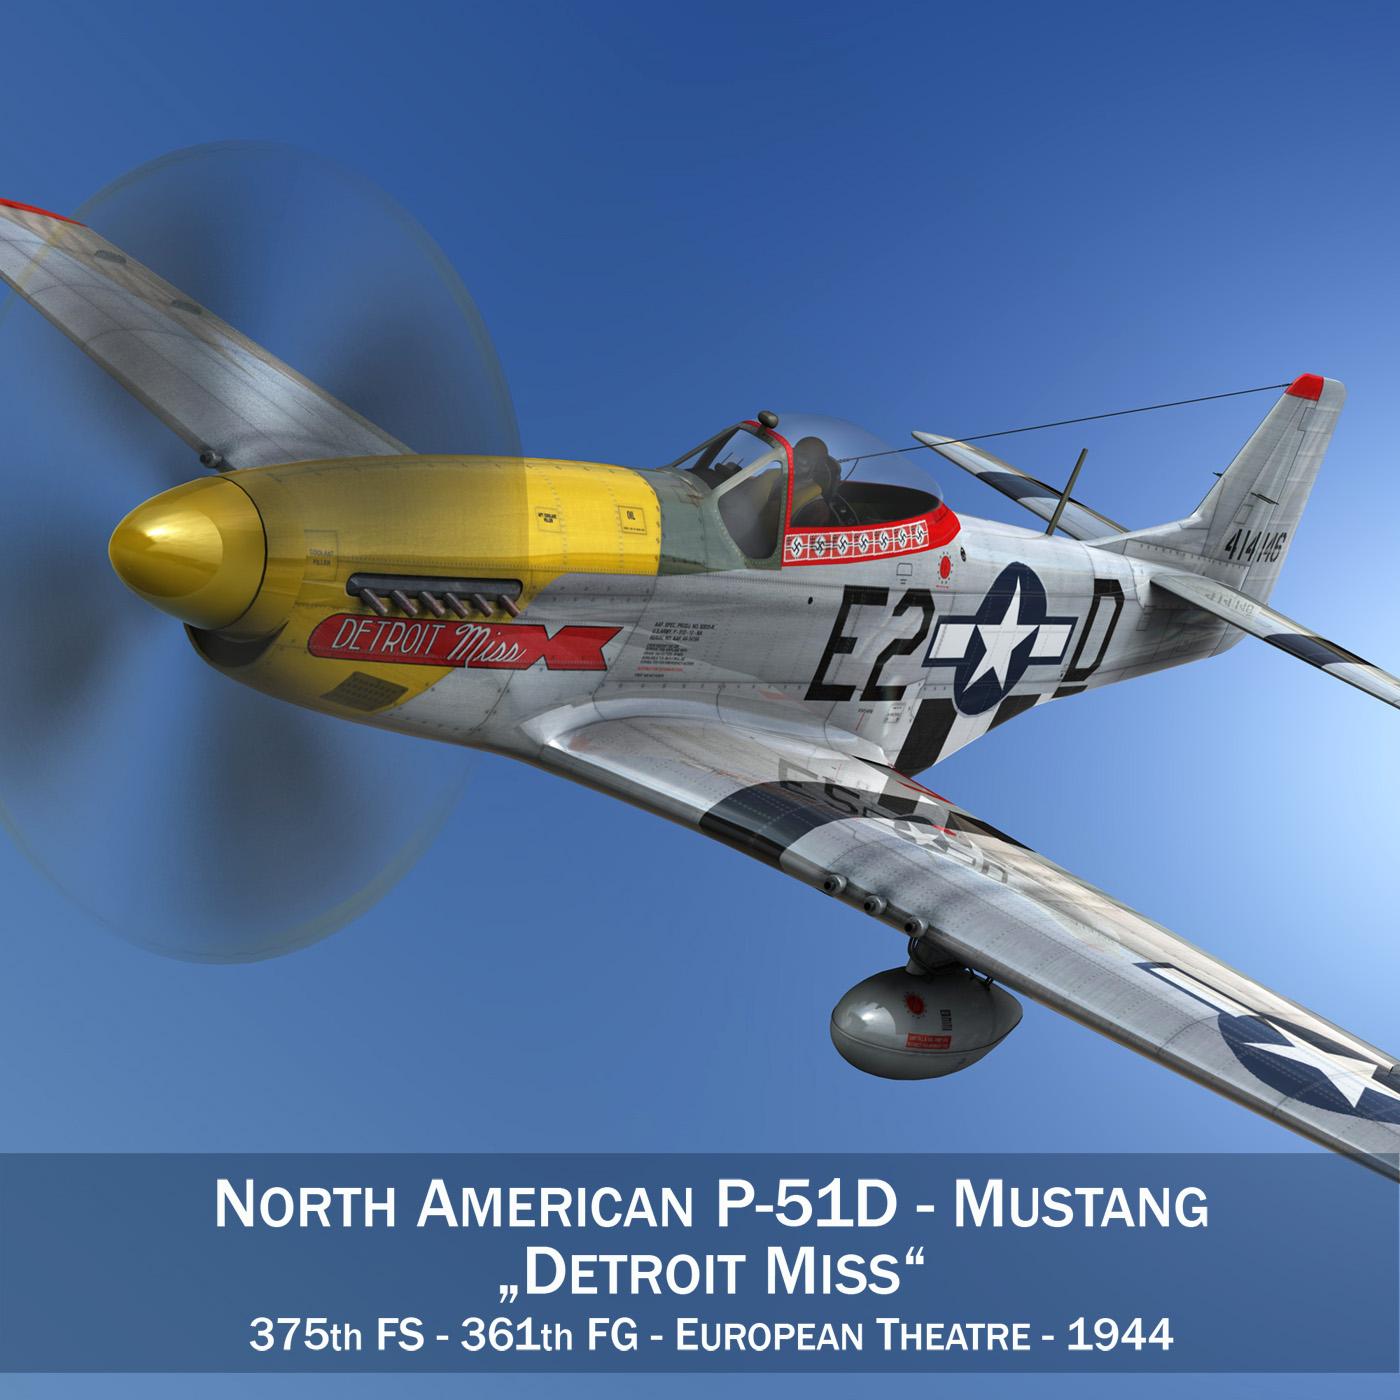 Ziemeļamerikas p-51d - mustang - detroit garām 3d modelis 3ds fxx c4d lwo obj 267592